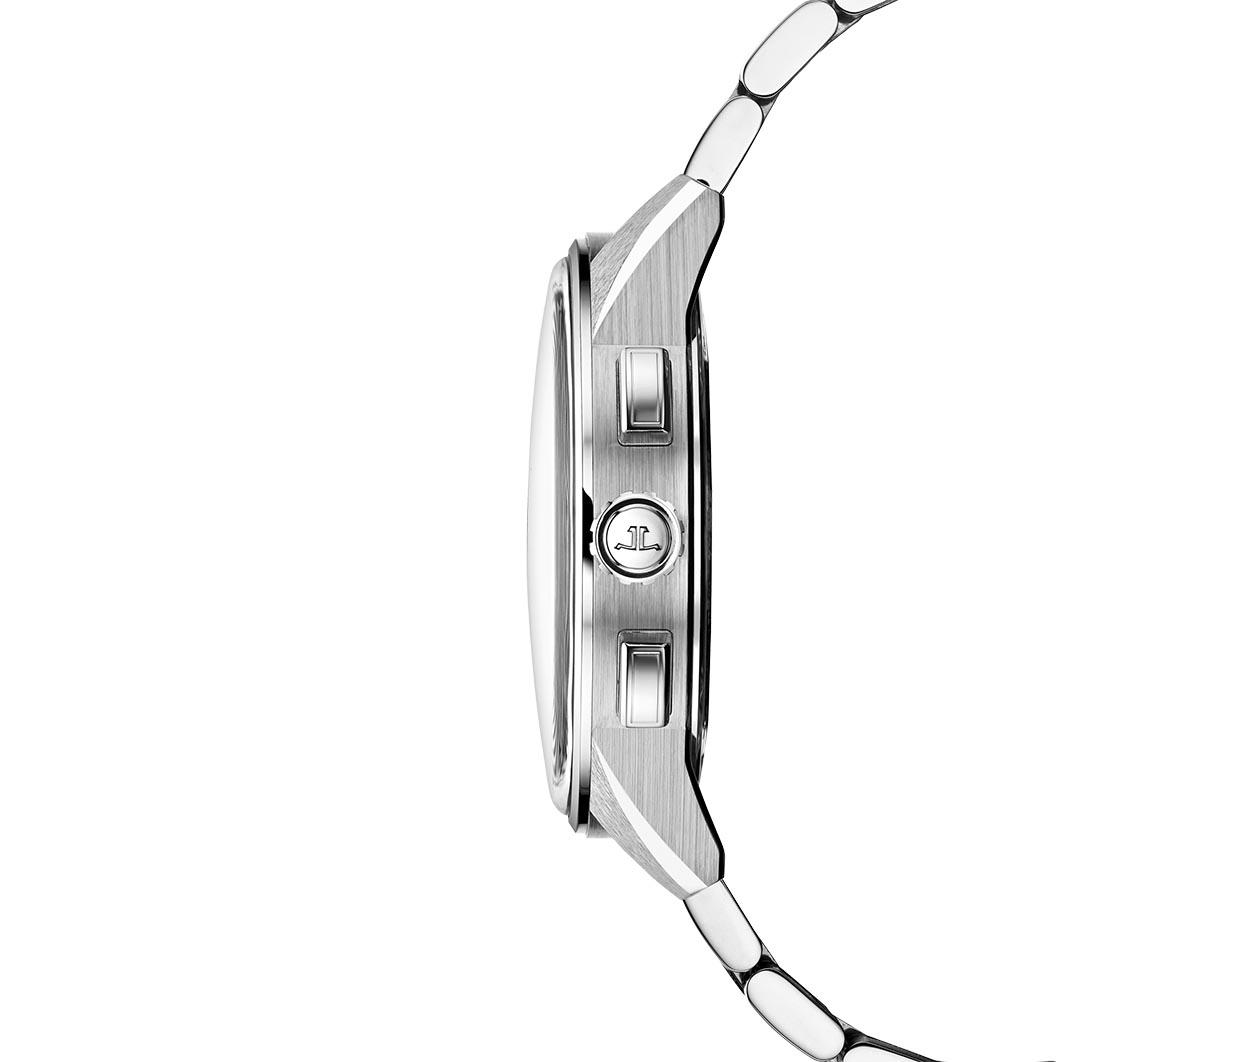 JaegerLeCoultre Polaris Chronograph 9028180 Carousel 2 FINAL